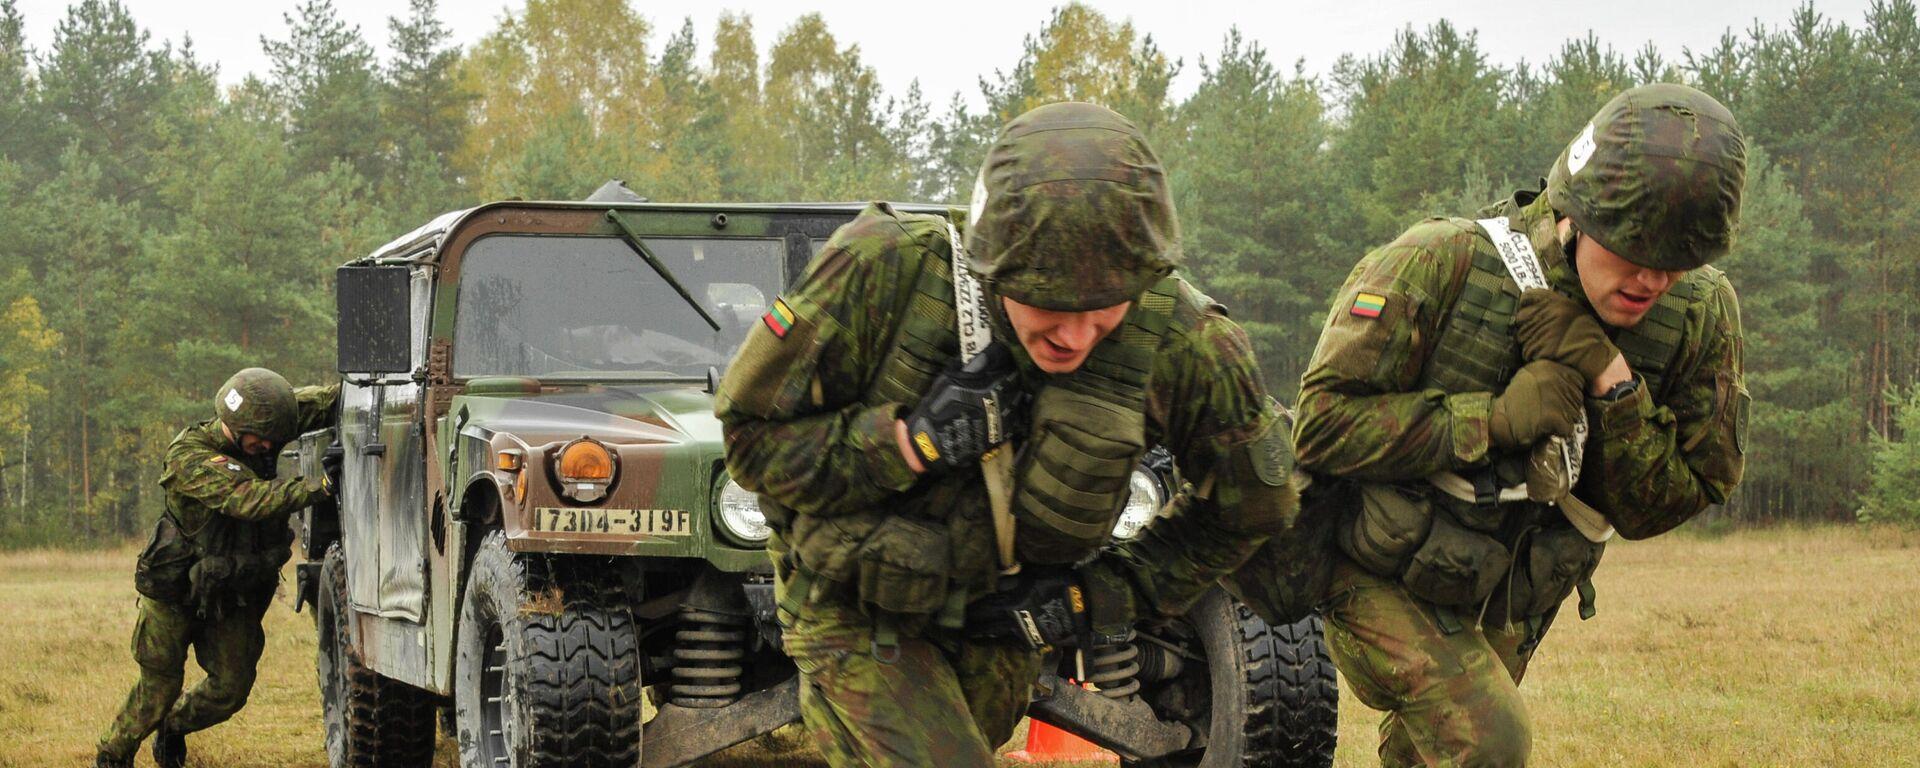 Литовские военные во время учений на полигоне Графенвер, Германия, 20 октября 2015 года - Sputnik Латвия, 1920, 26.09.2021